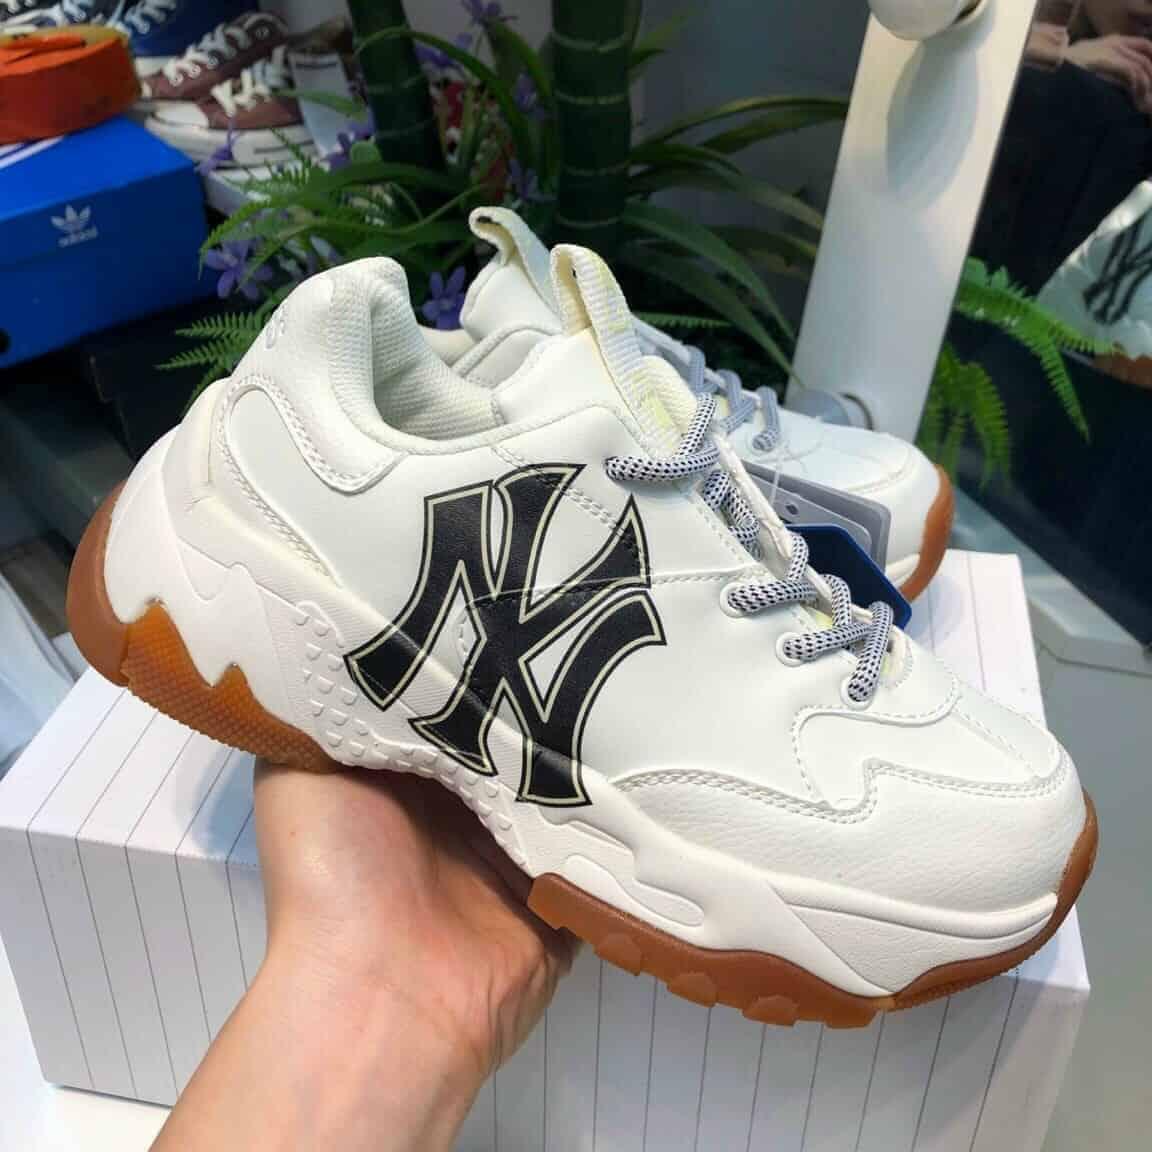 Giày có chất lượng cao phù hợp với nhiều khách hàng